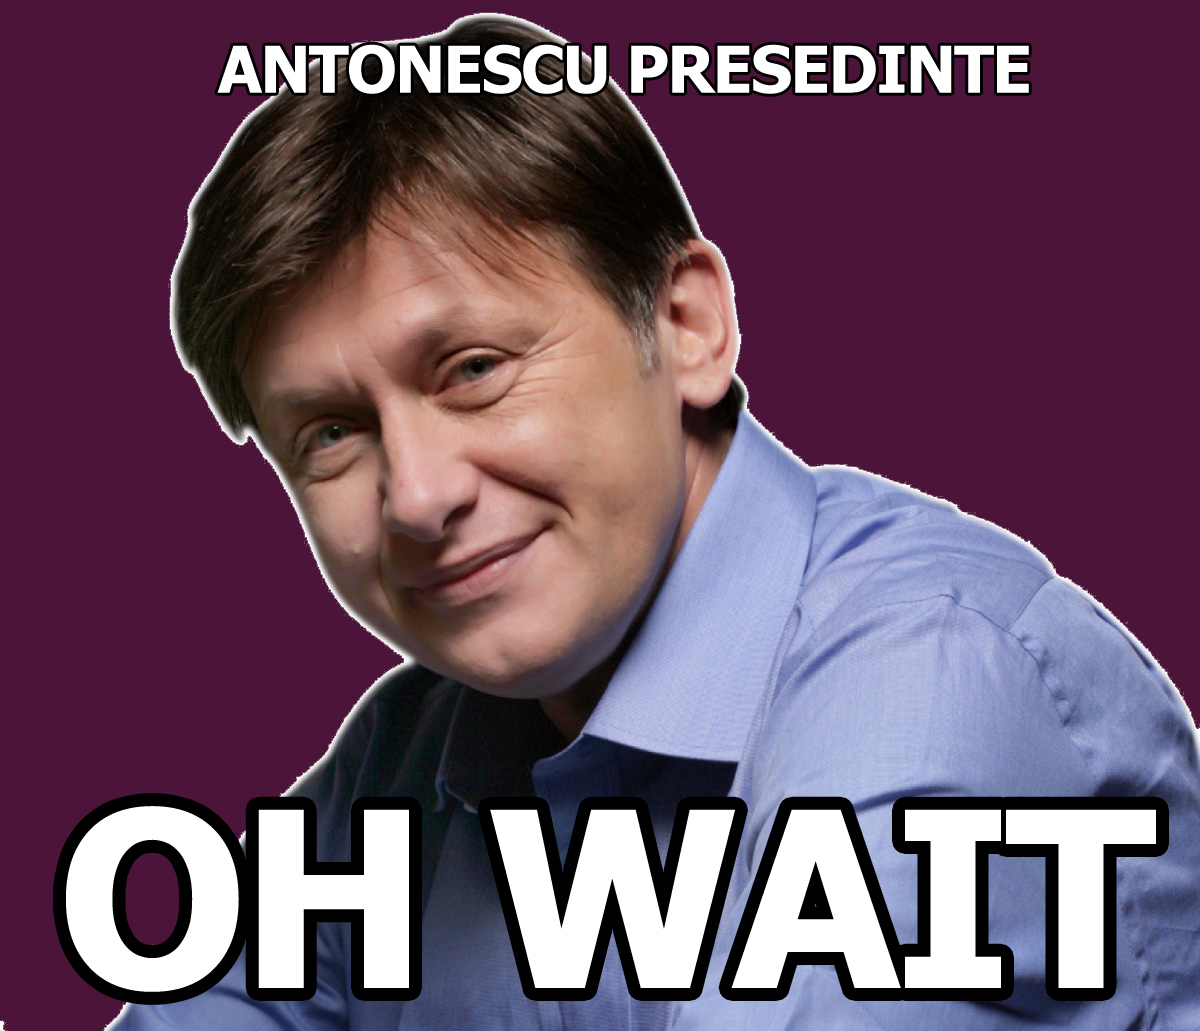 ANTONESCU-PRESEDINTE